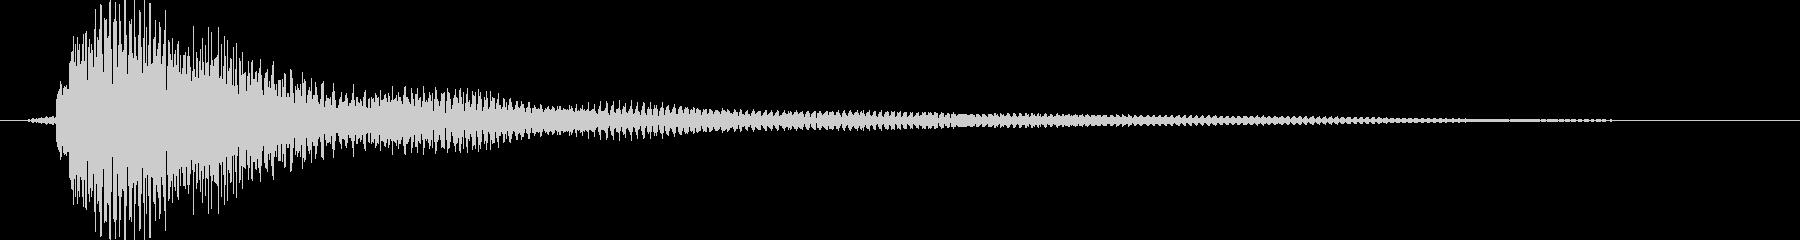 素材 ナイロンギターコードフルメジ...の未再生の波形